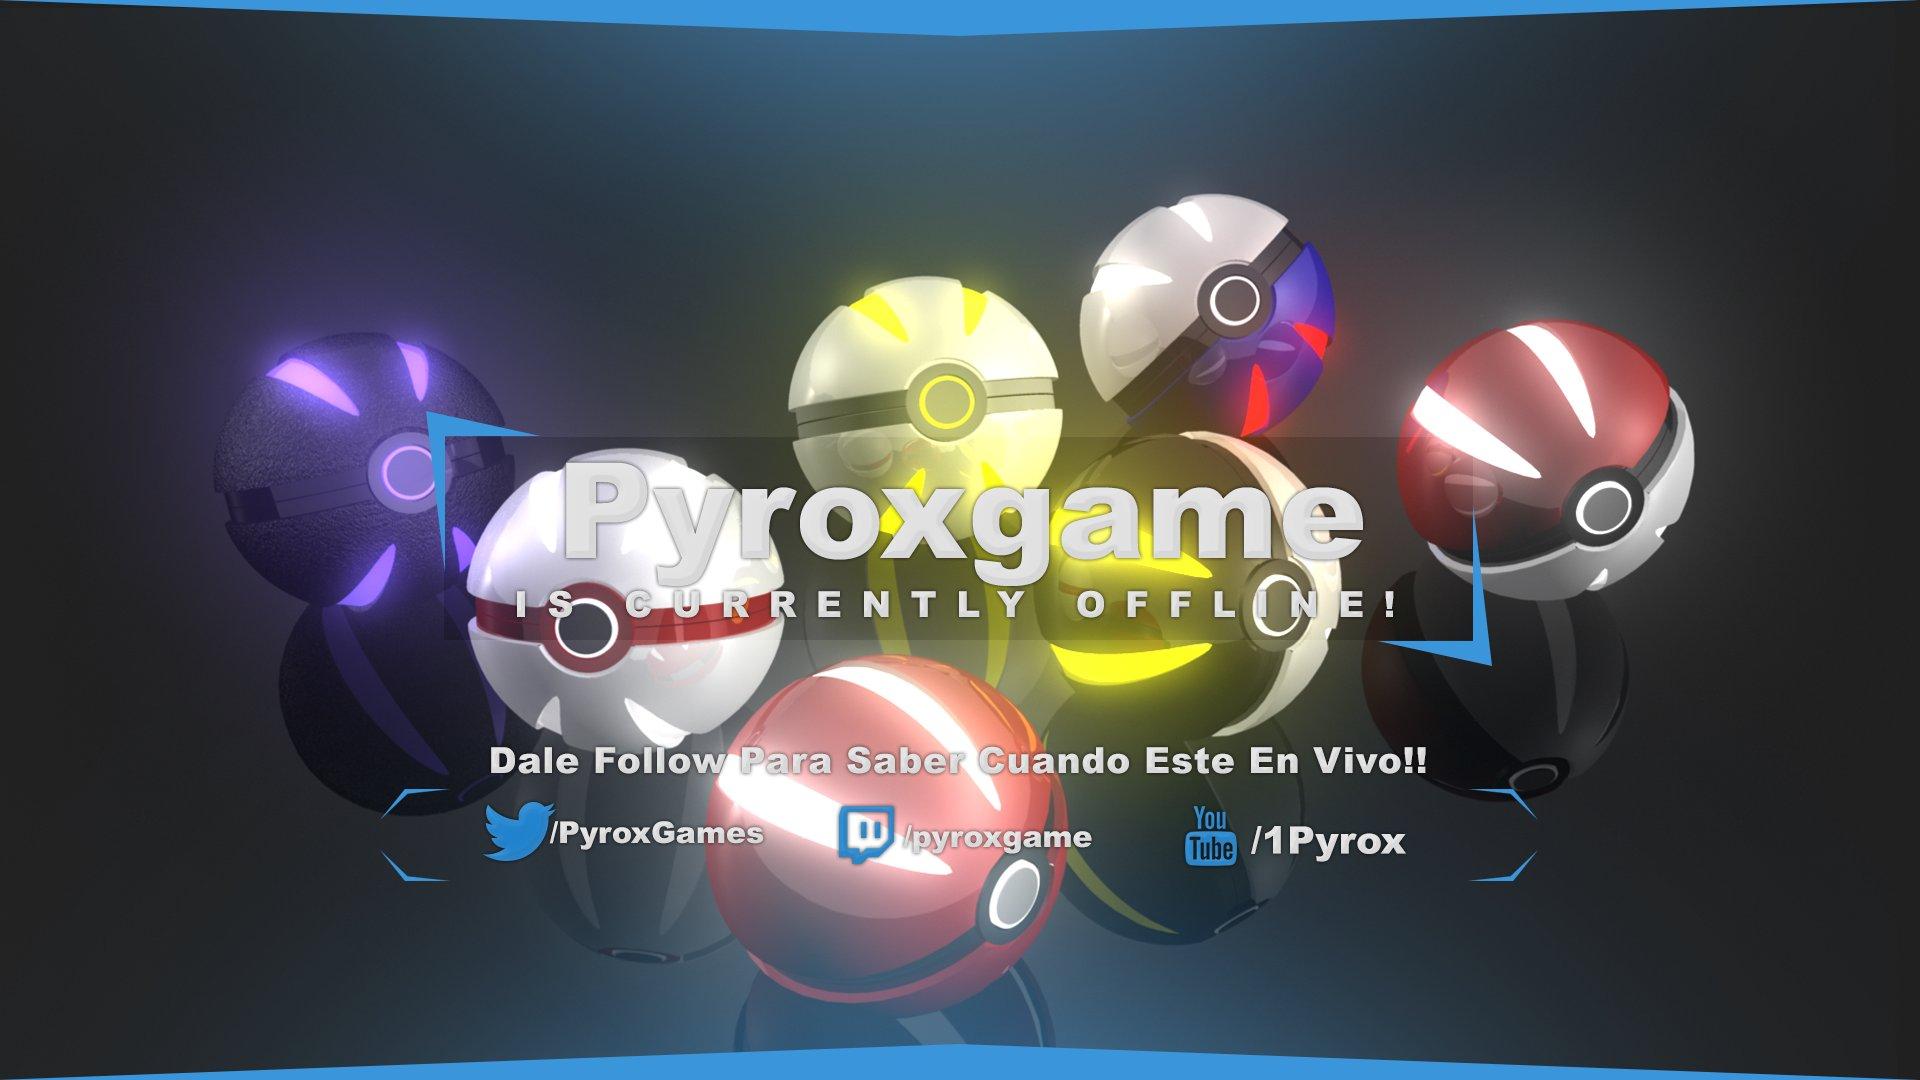 pyroxgame